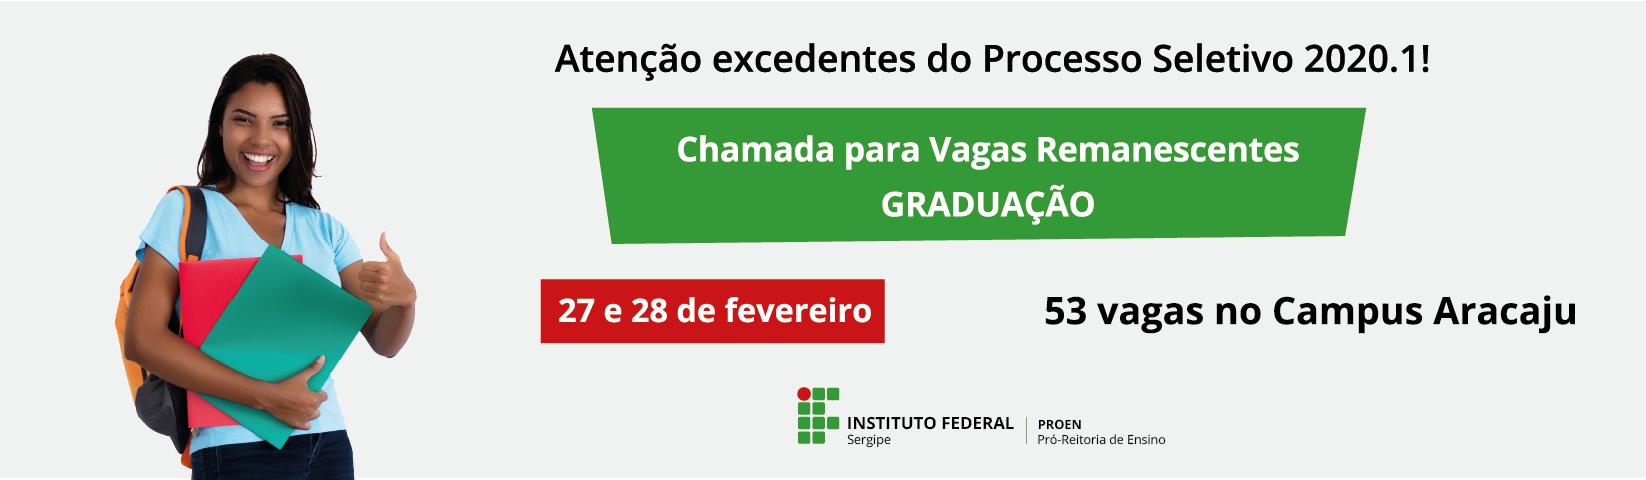 IFS realiza chamada pública para preenchimento de 130 vagas nos cursos de graduação